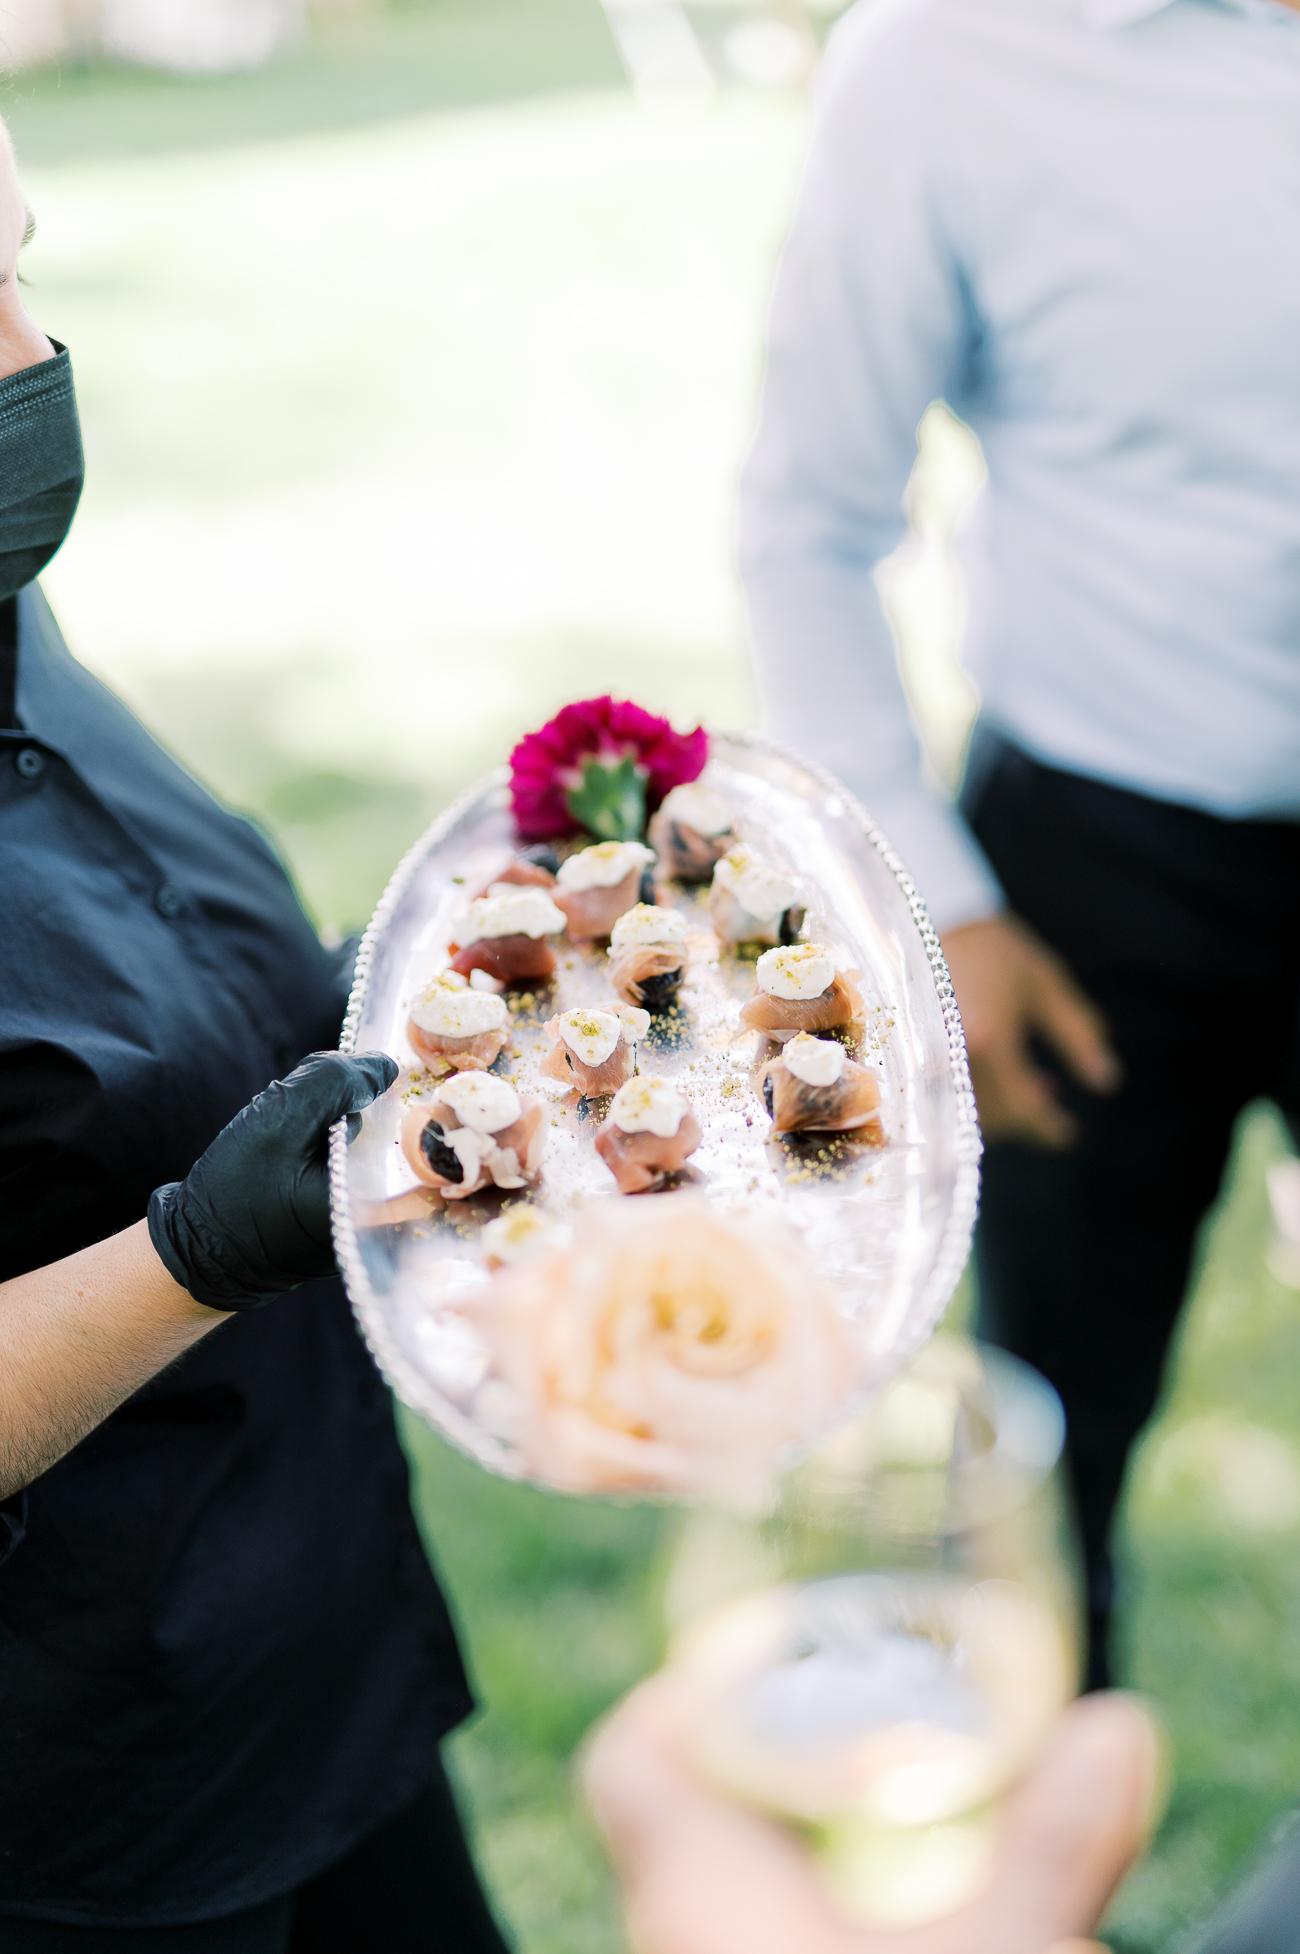 Figs wrapped in prosciutto with burrata